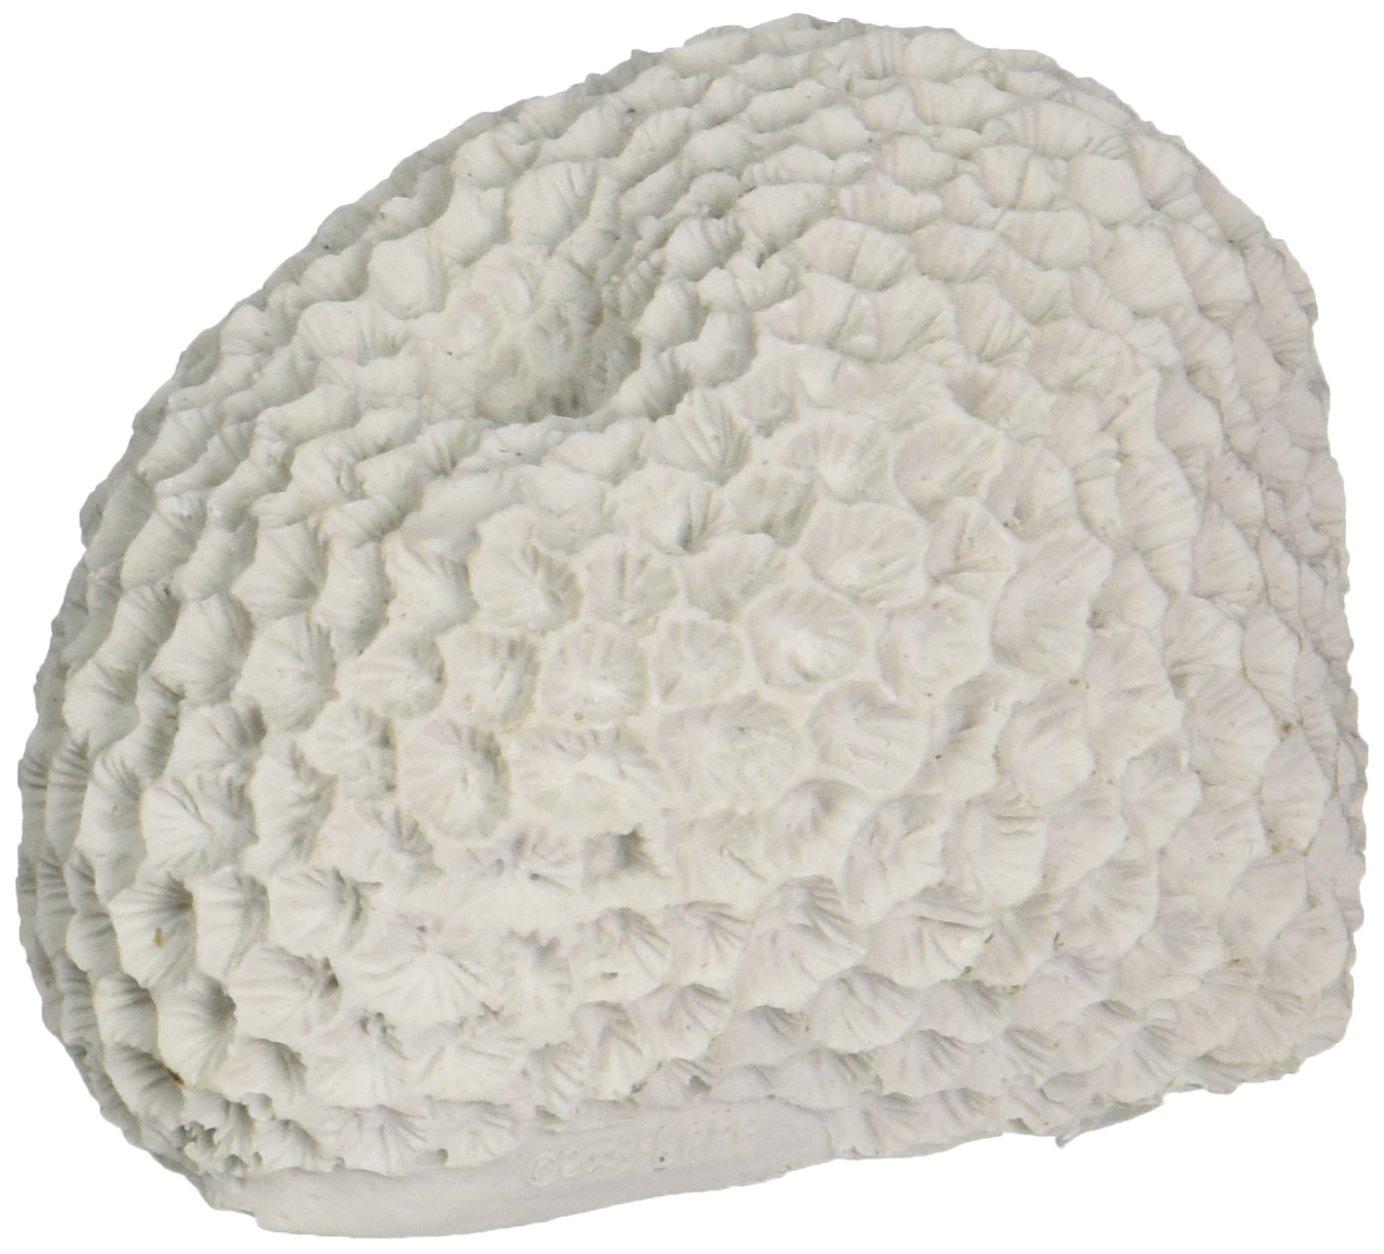 Deep bluee Professional ADB80031 Brain Coral for Aquarium, 3 by 2.5 by 2-Inch